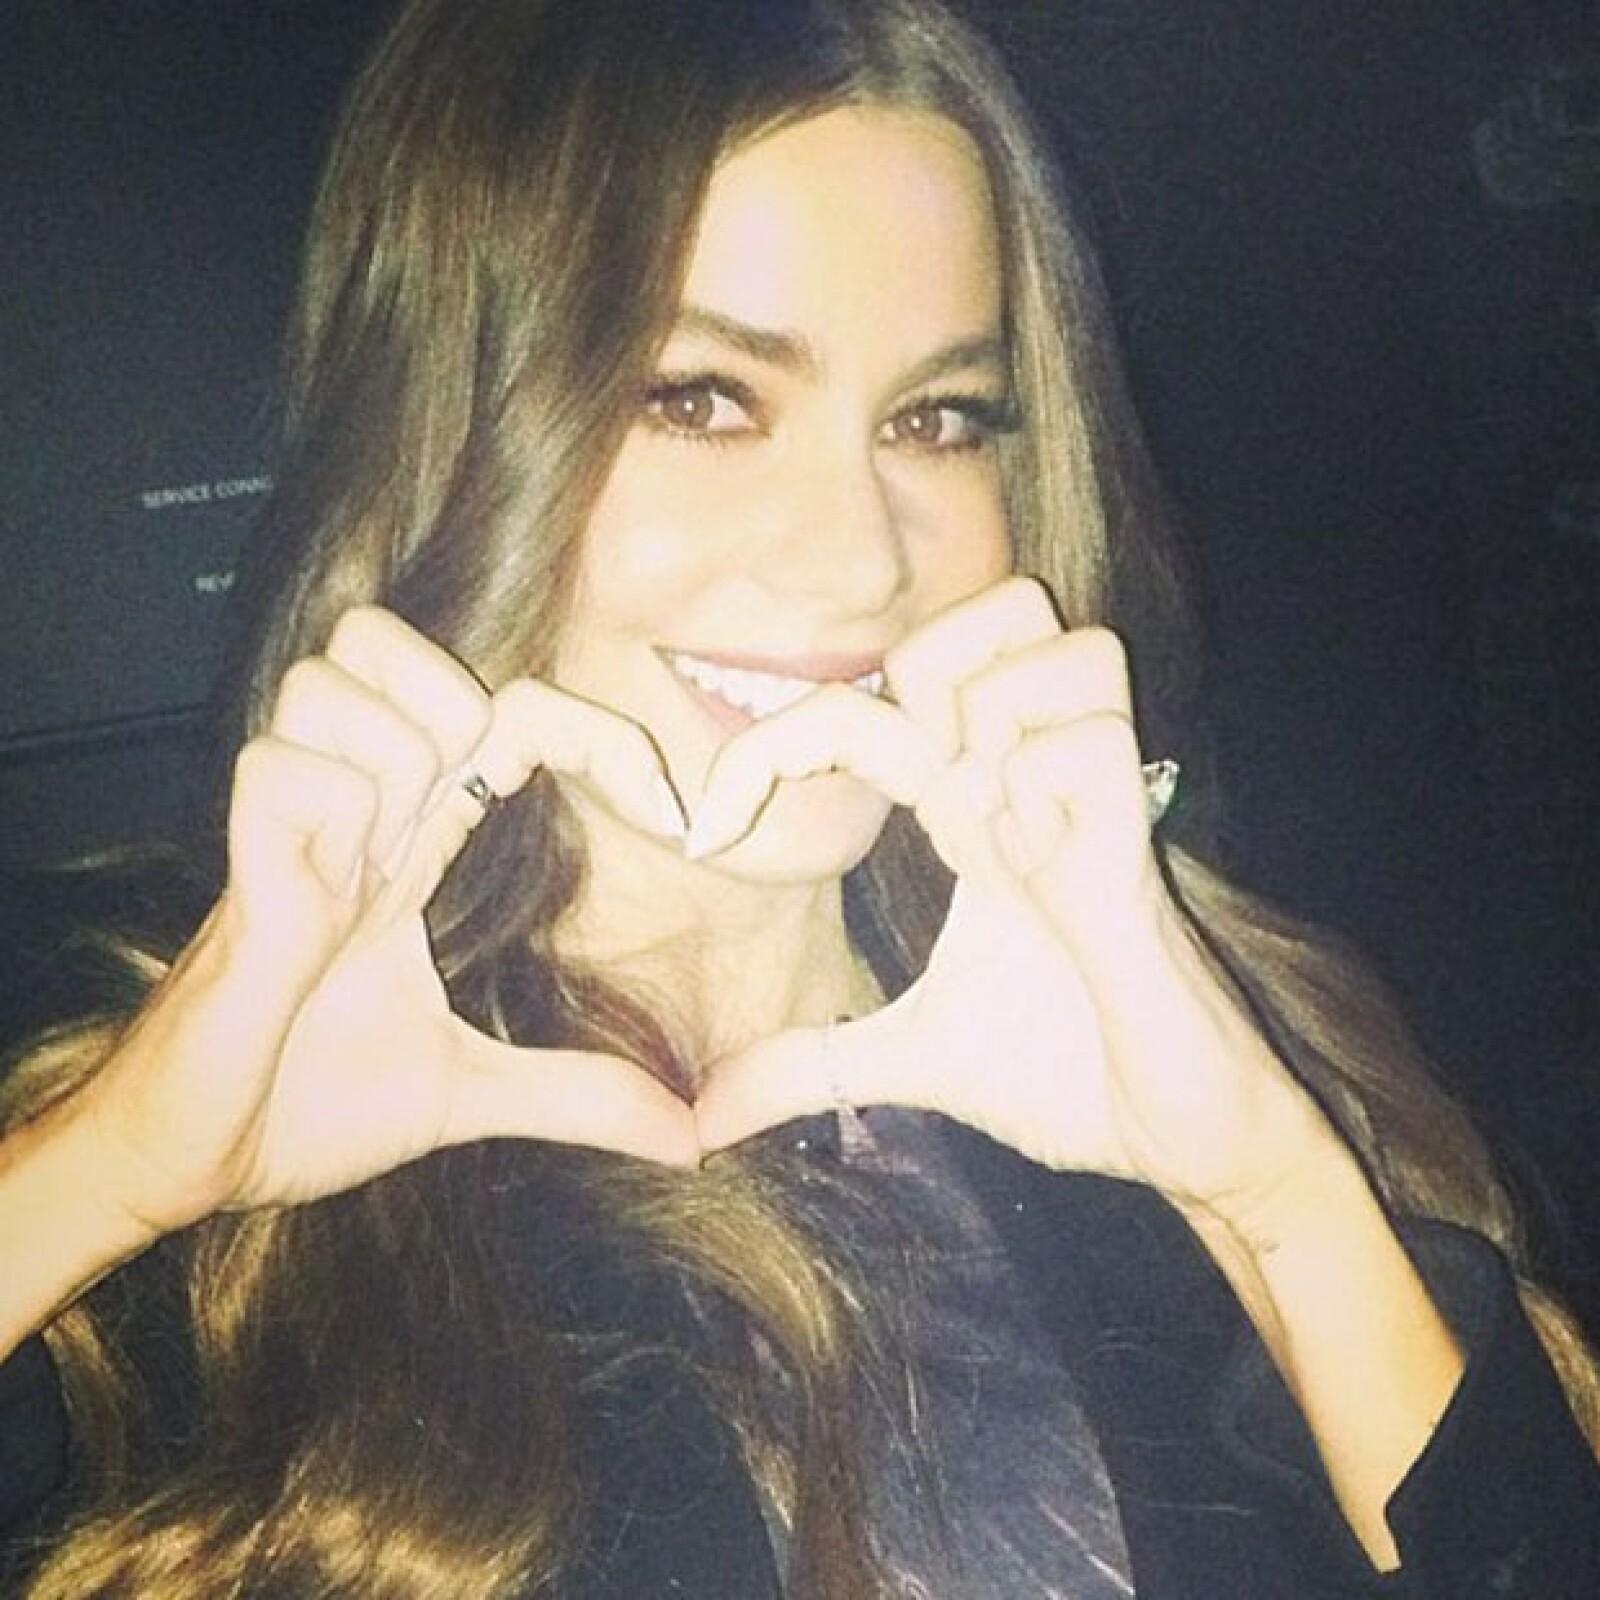 La actriz Sofía Vergara deseó feliz día de San Valentín a todos sus seguidores de Twitter e Instagram.